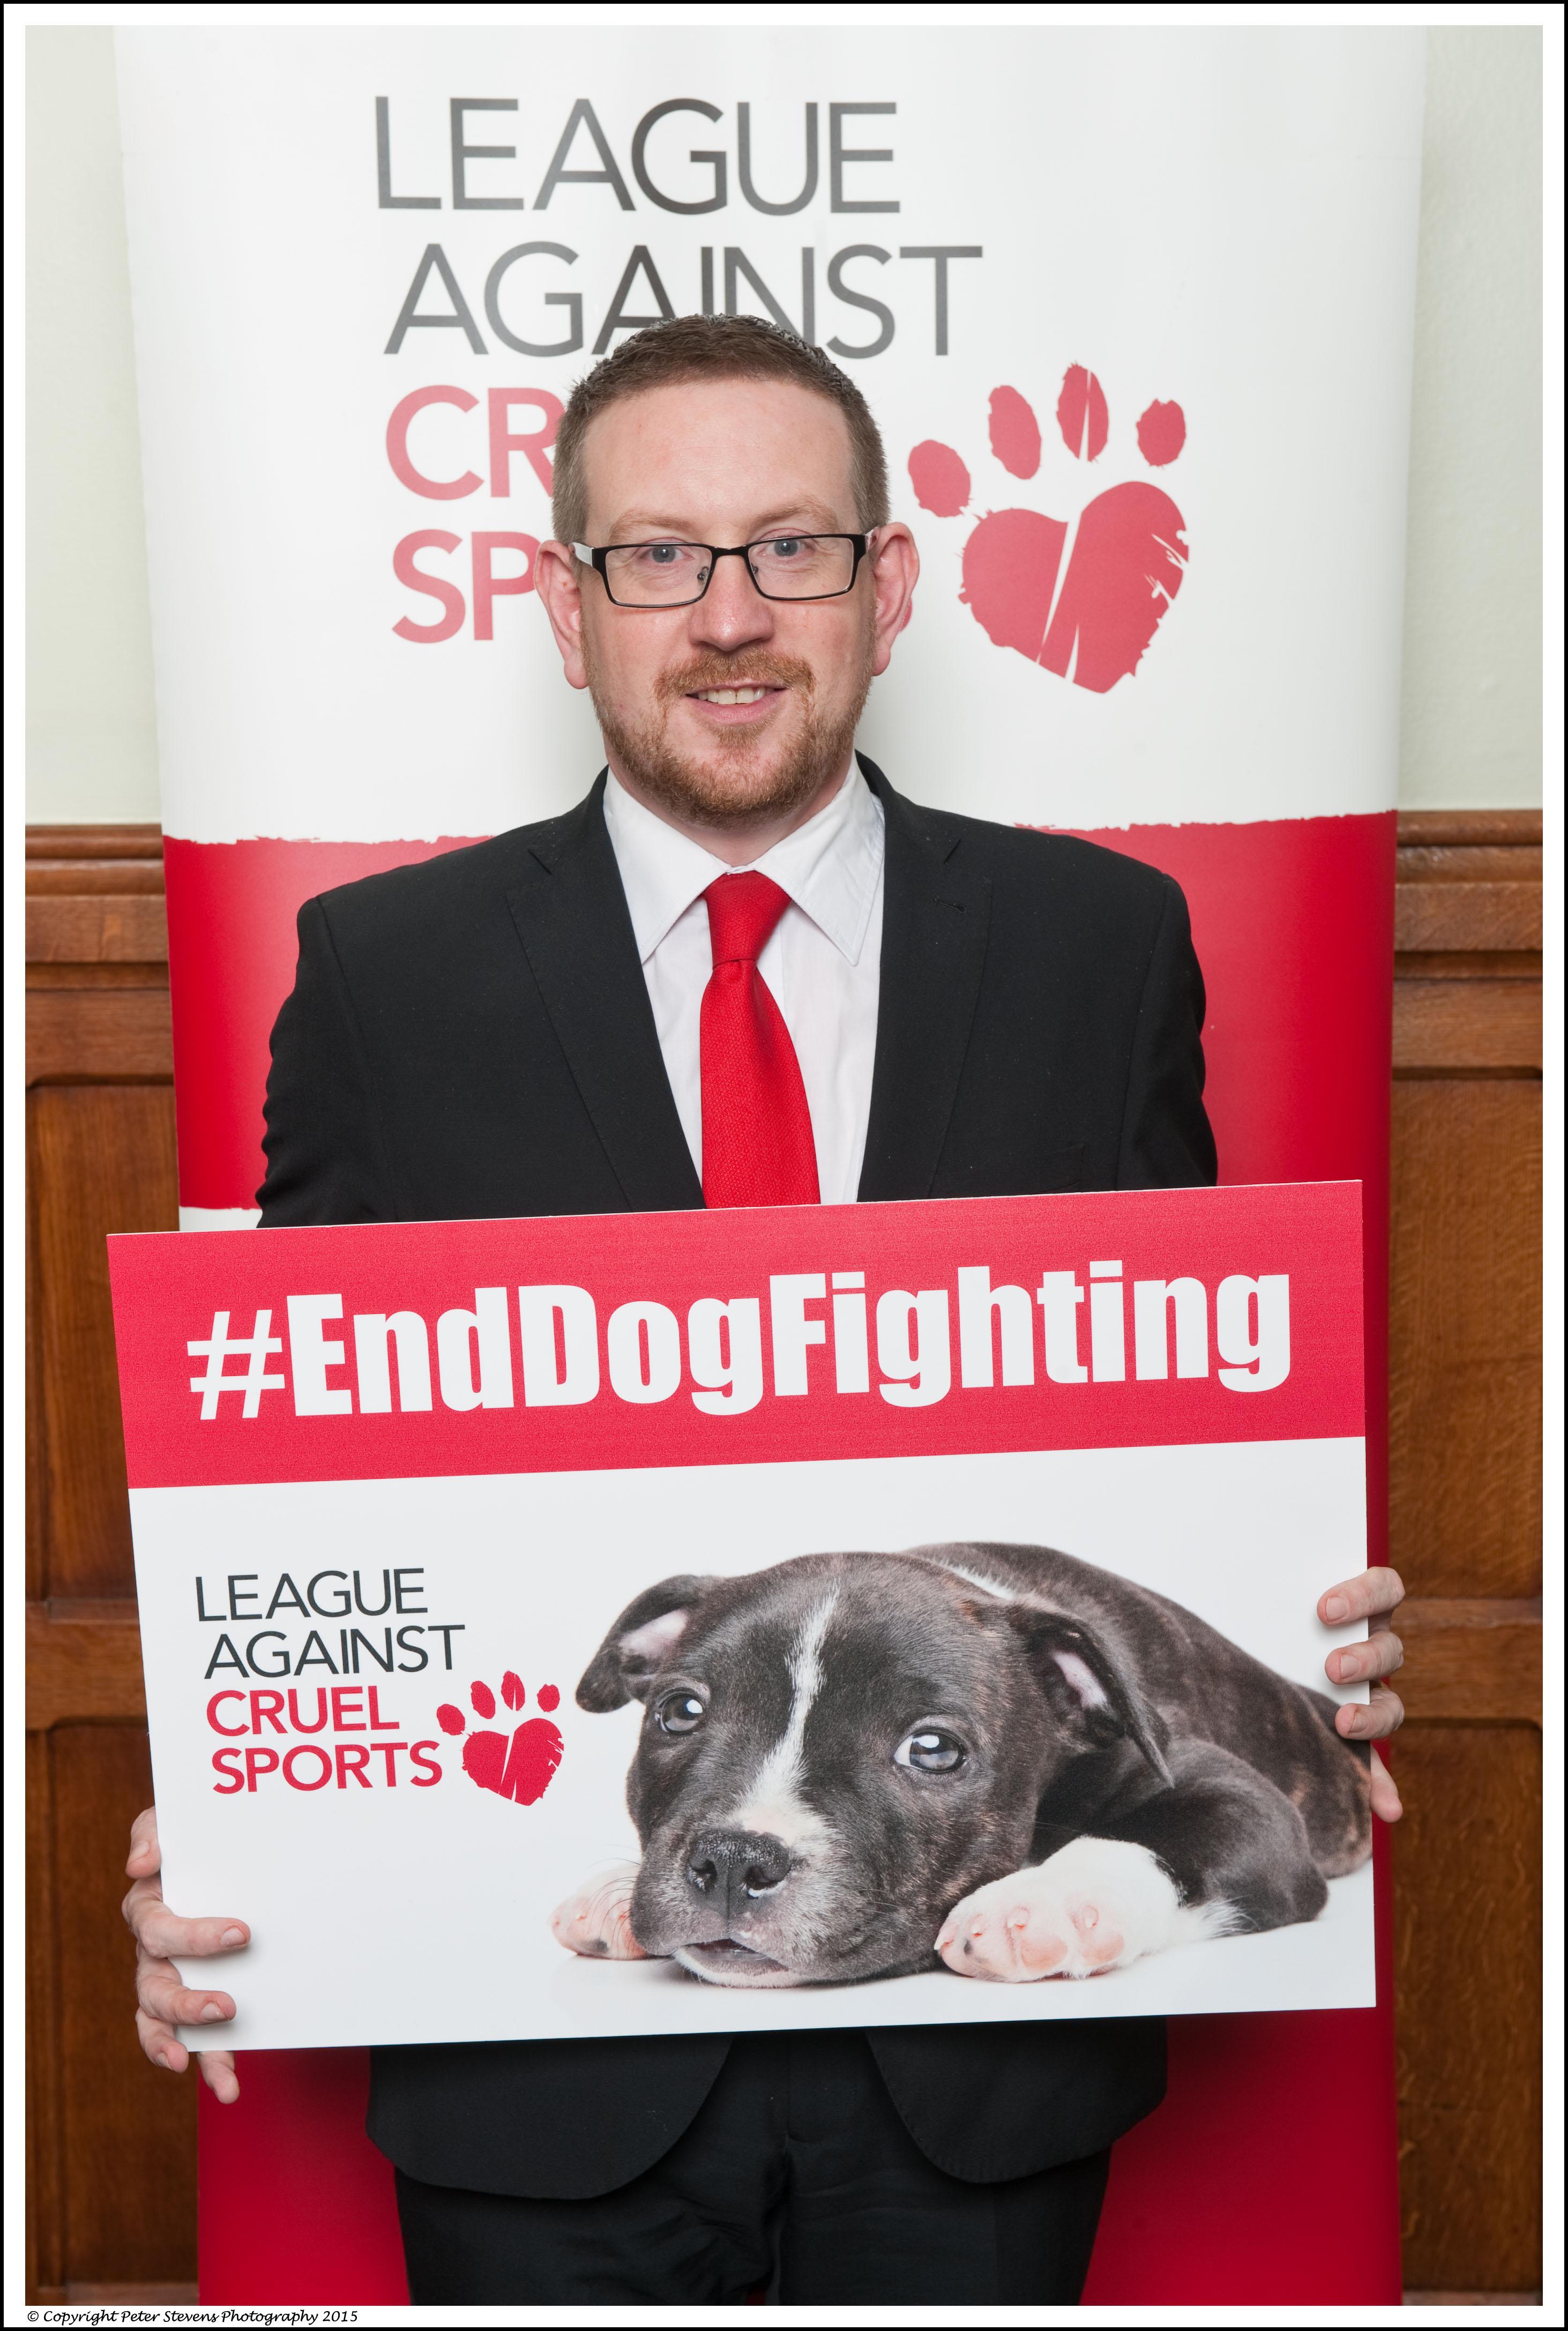 League Against Cruel Sports